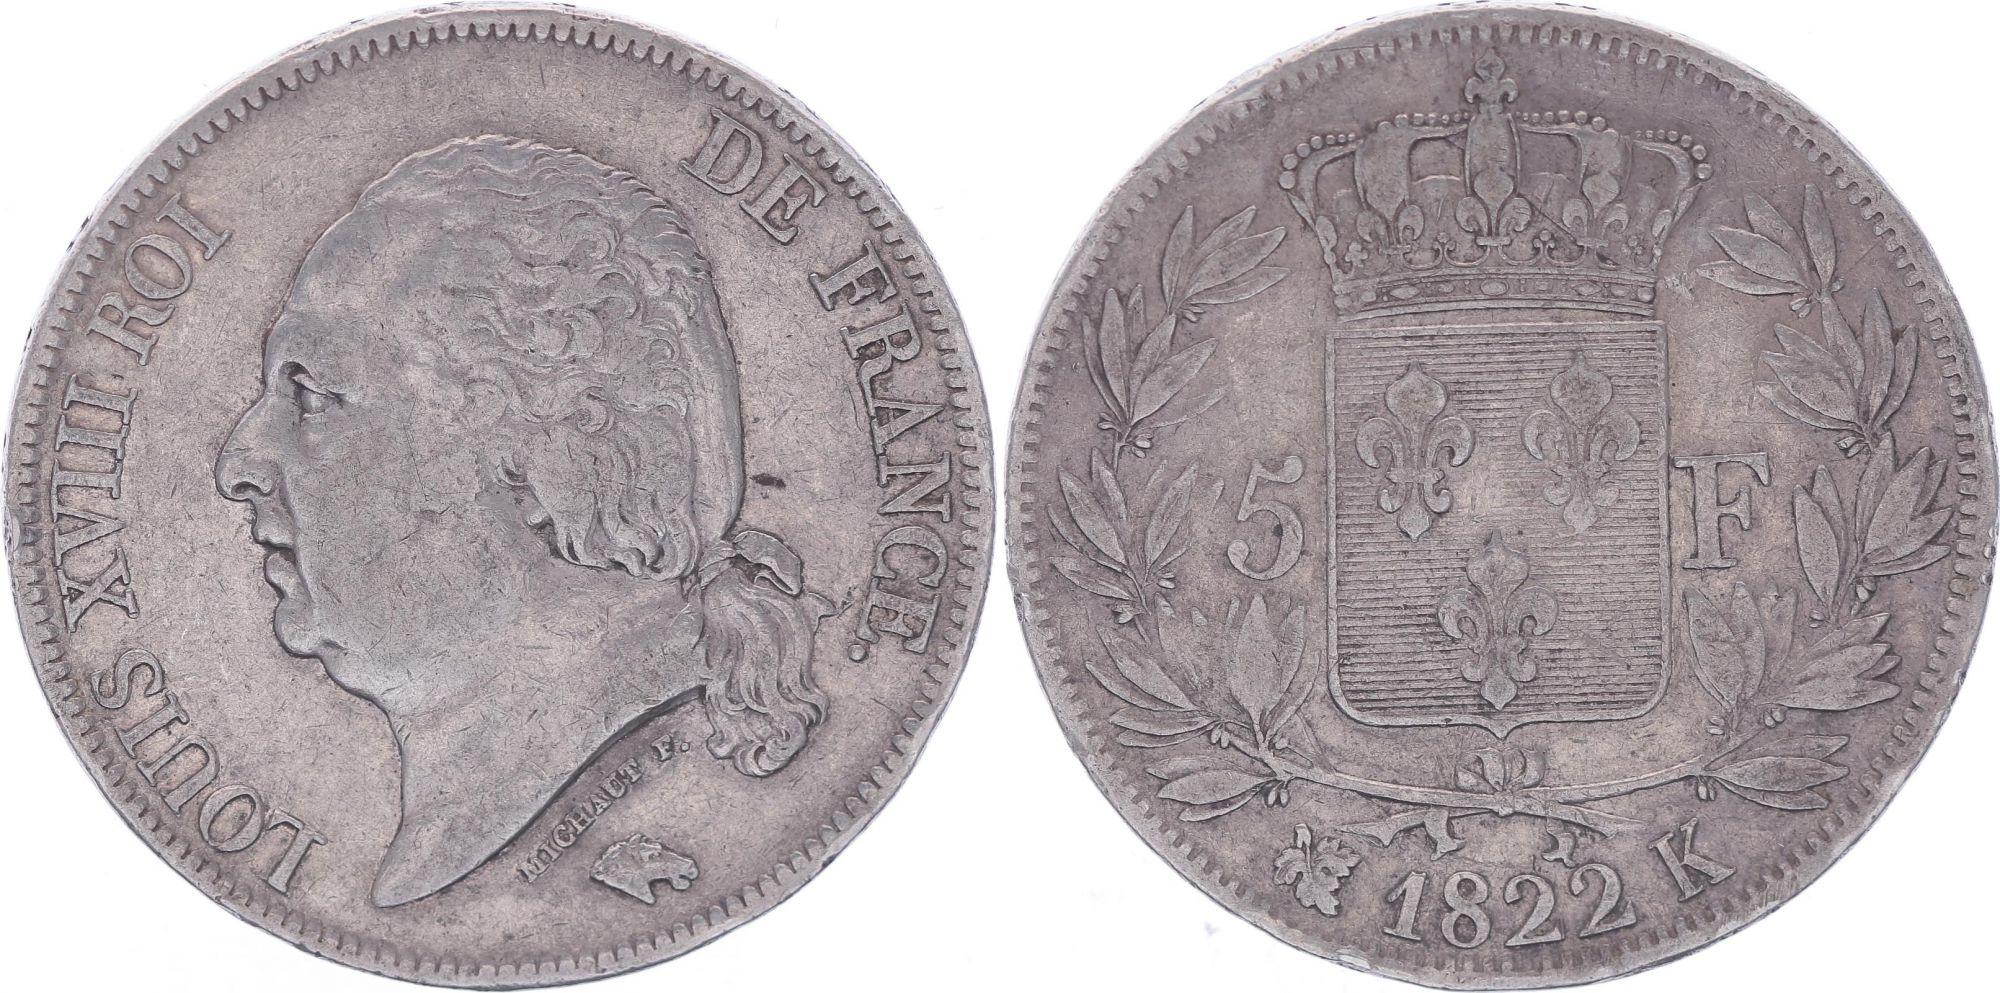 France 5 Francs Louis XVIII - Buste nu - 1822 K Bordeaux - TB+